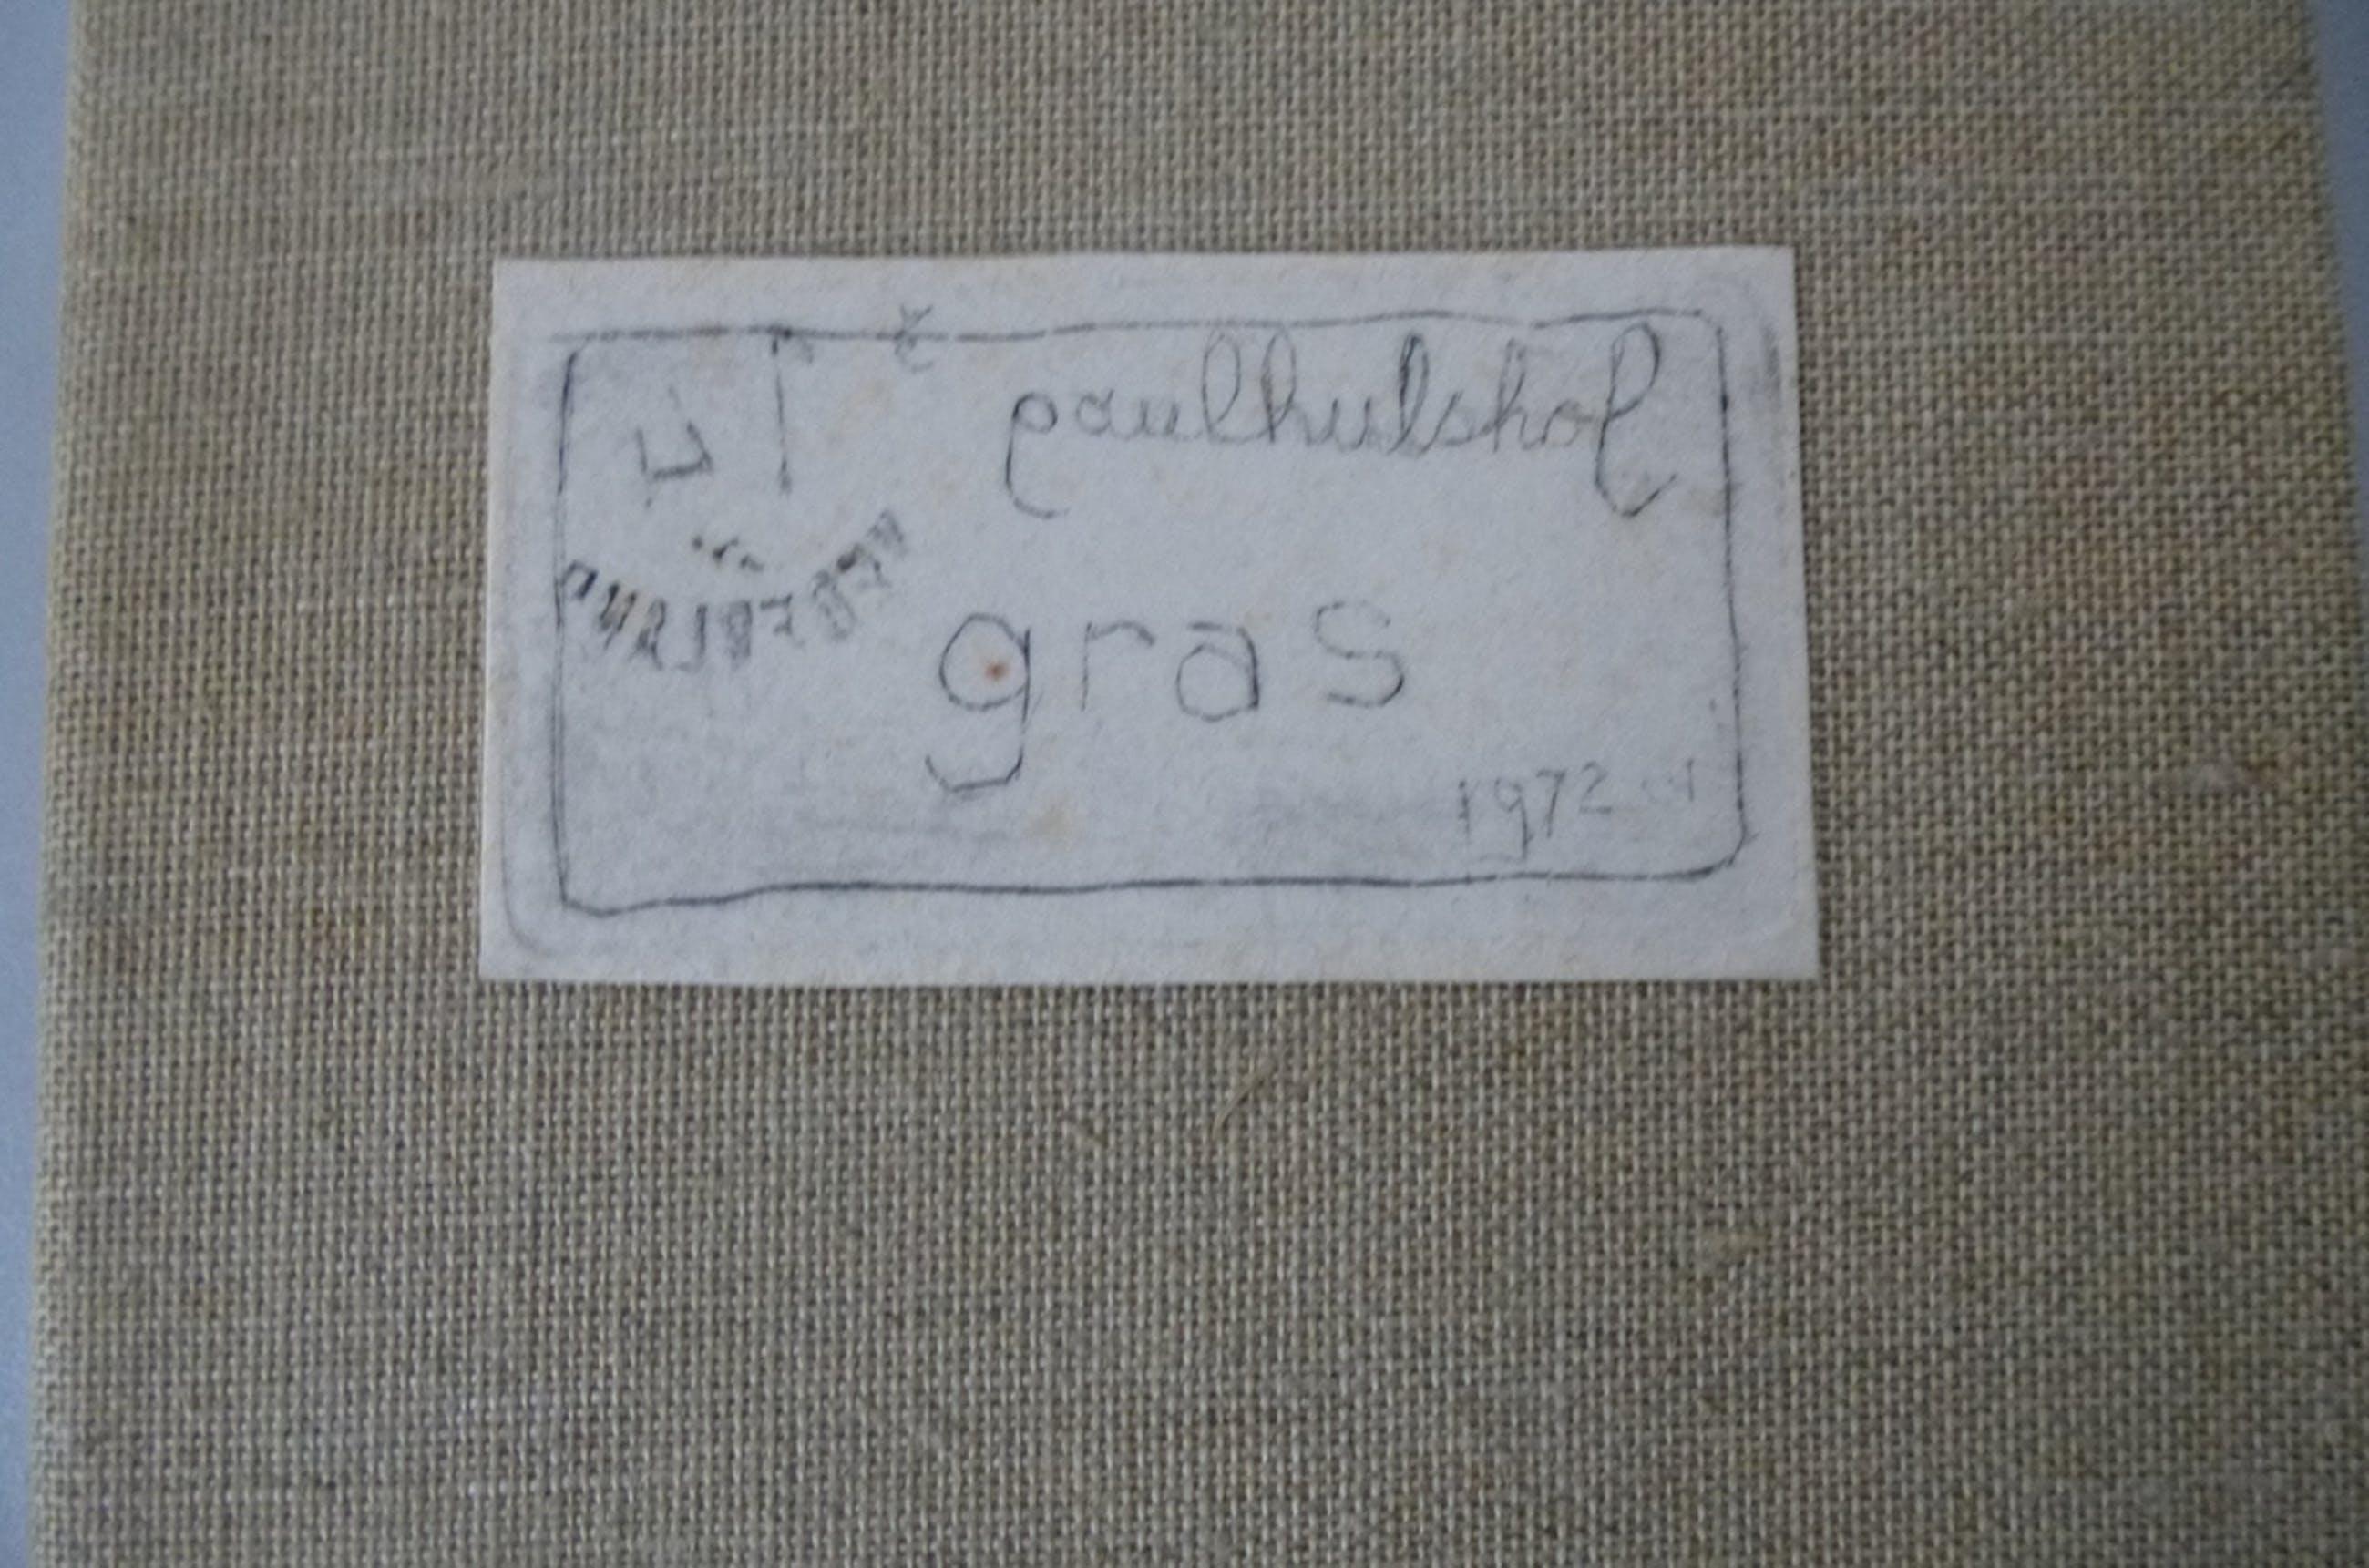 Paul Hulshof, 7 etsen: Gras, handgesigneerd kopen? Bied vanaf 1!